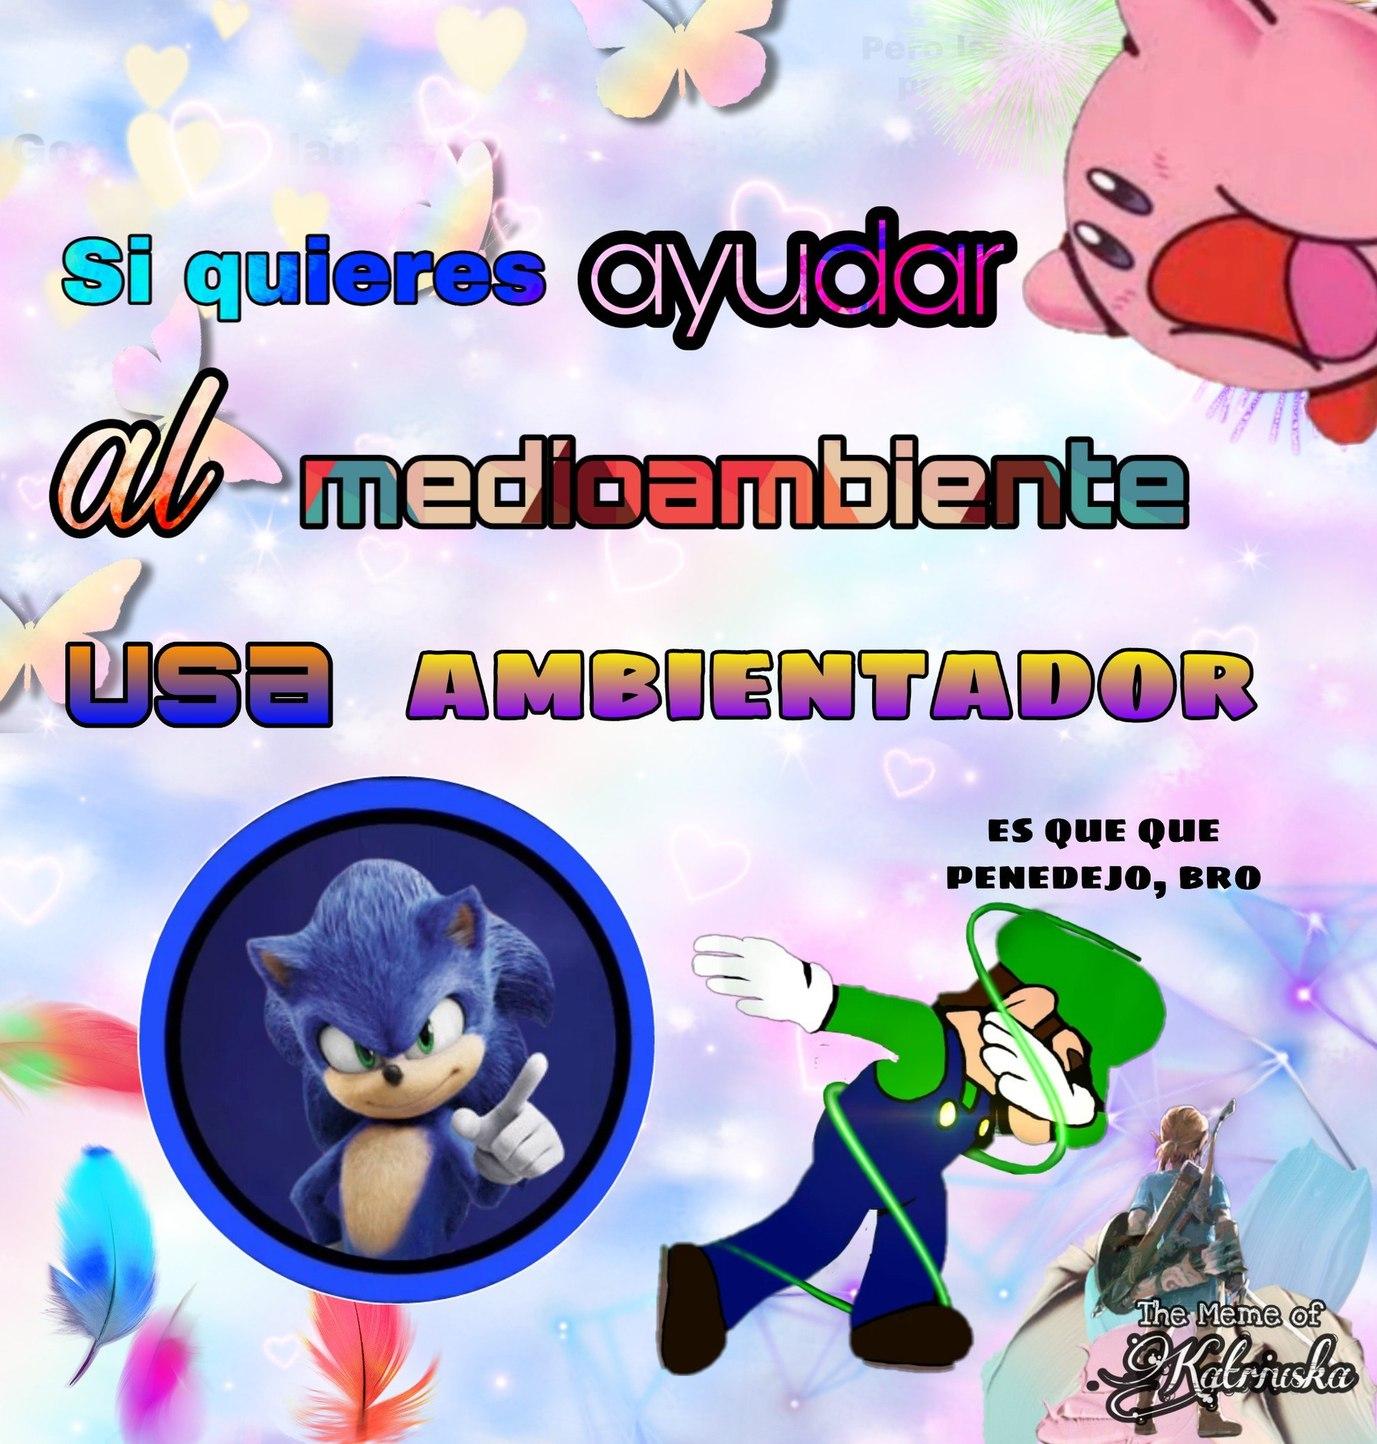 ES QUE DE VERDAD - meme